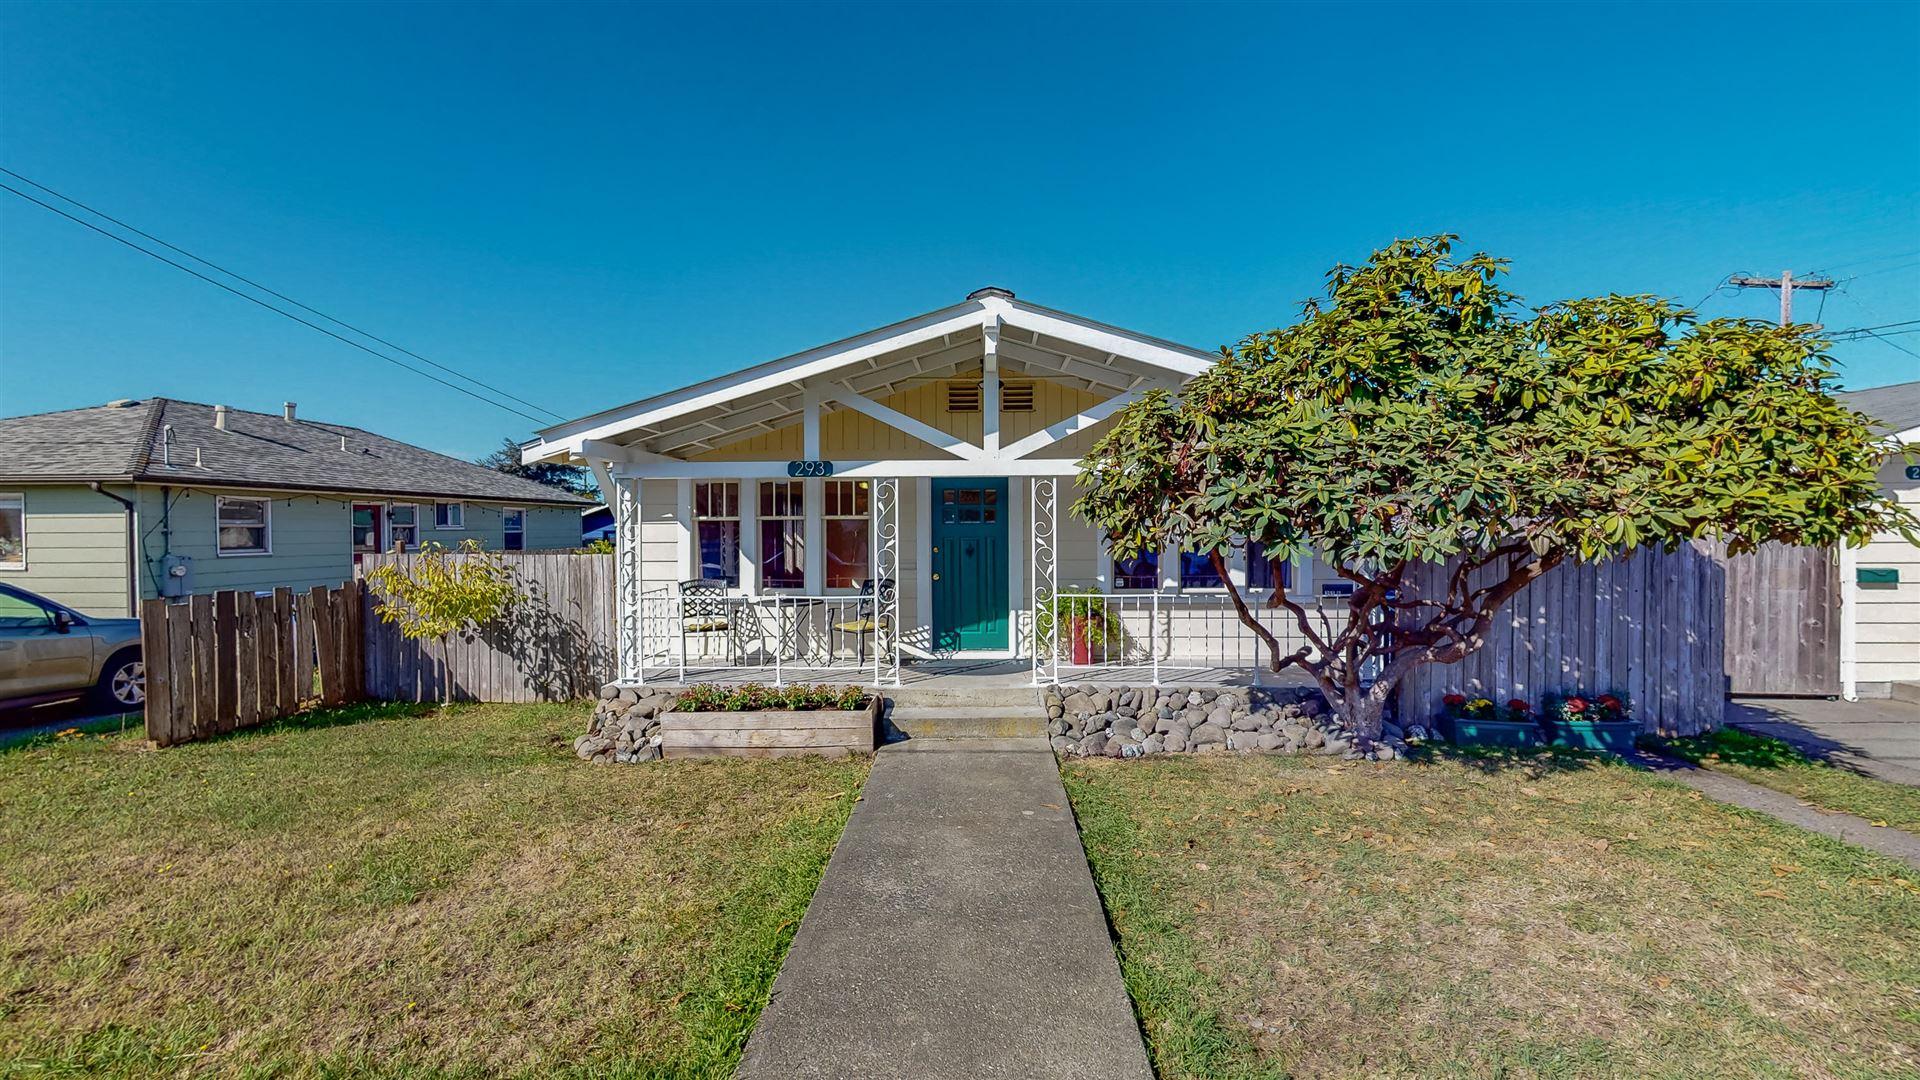 293 G Street, Arcata, CA 95521 - MLS#: 257667